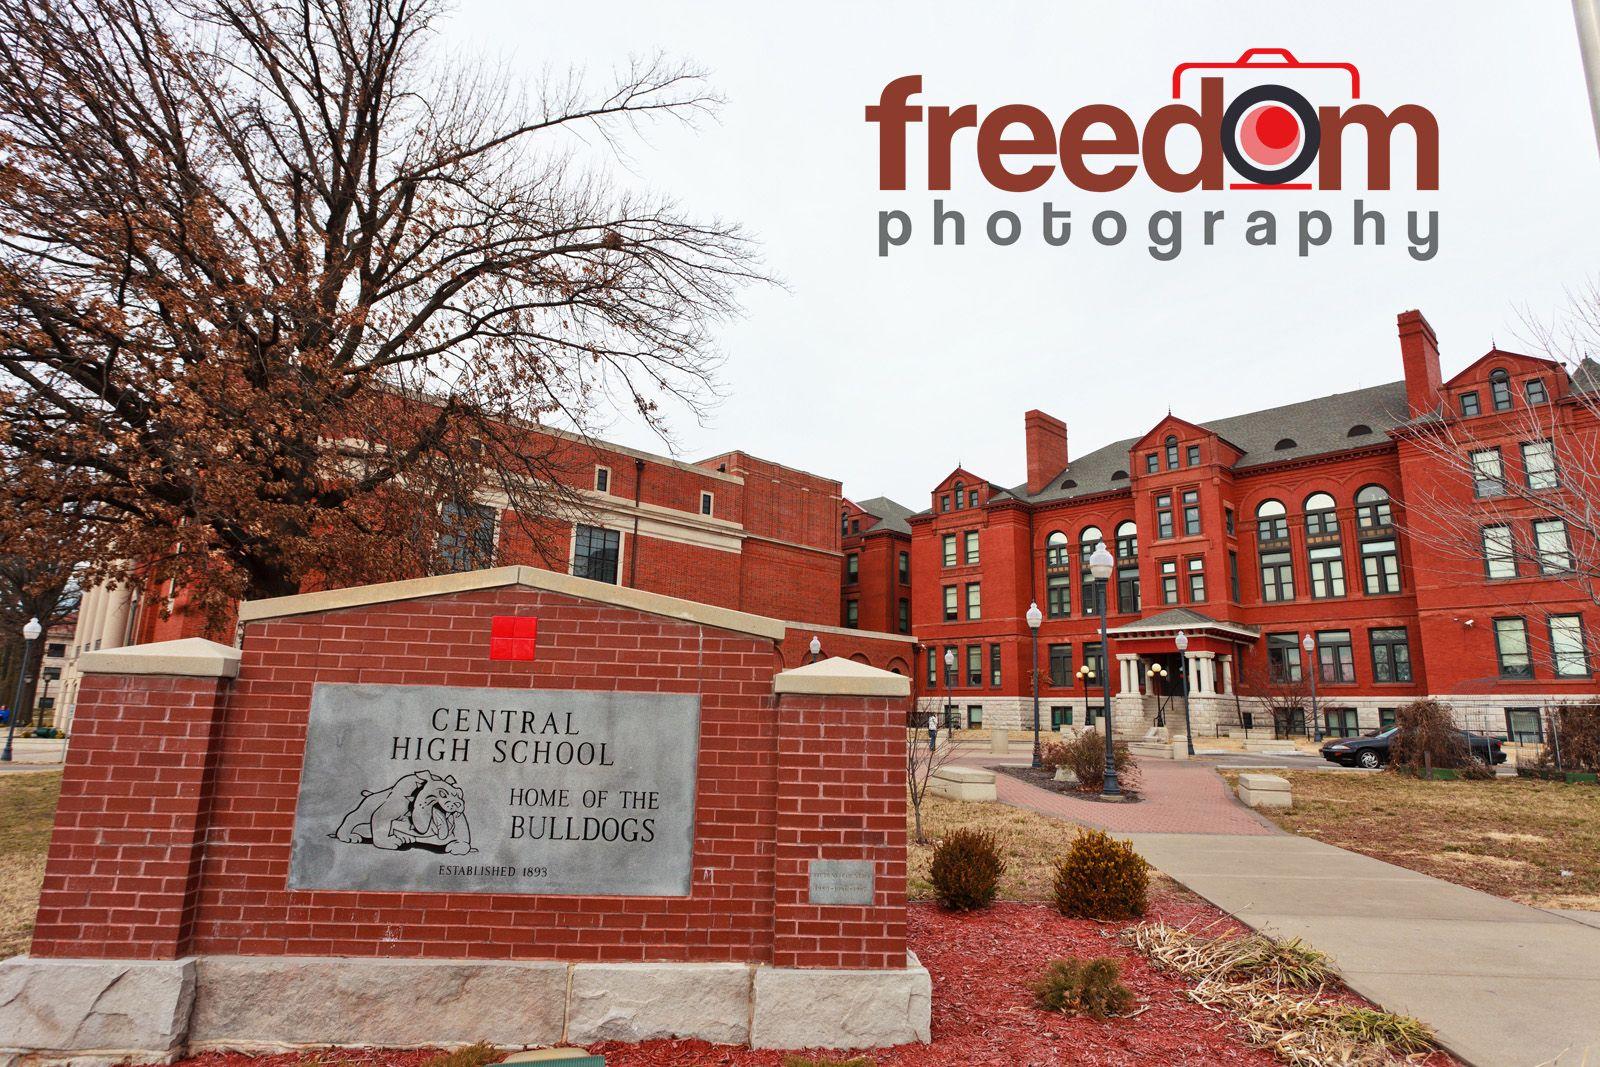 Central High School Freedom Photography High School School